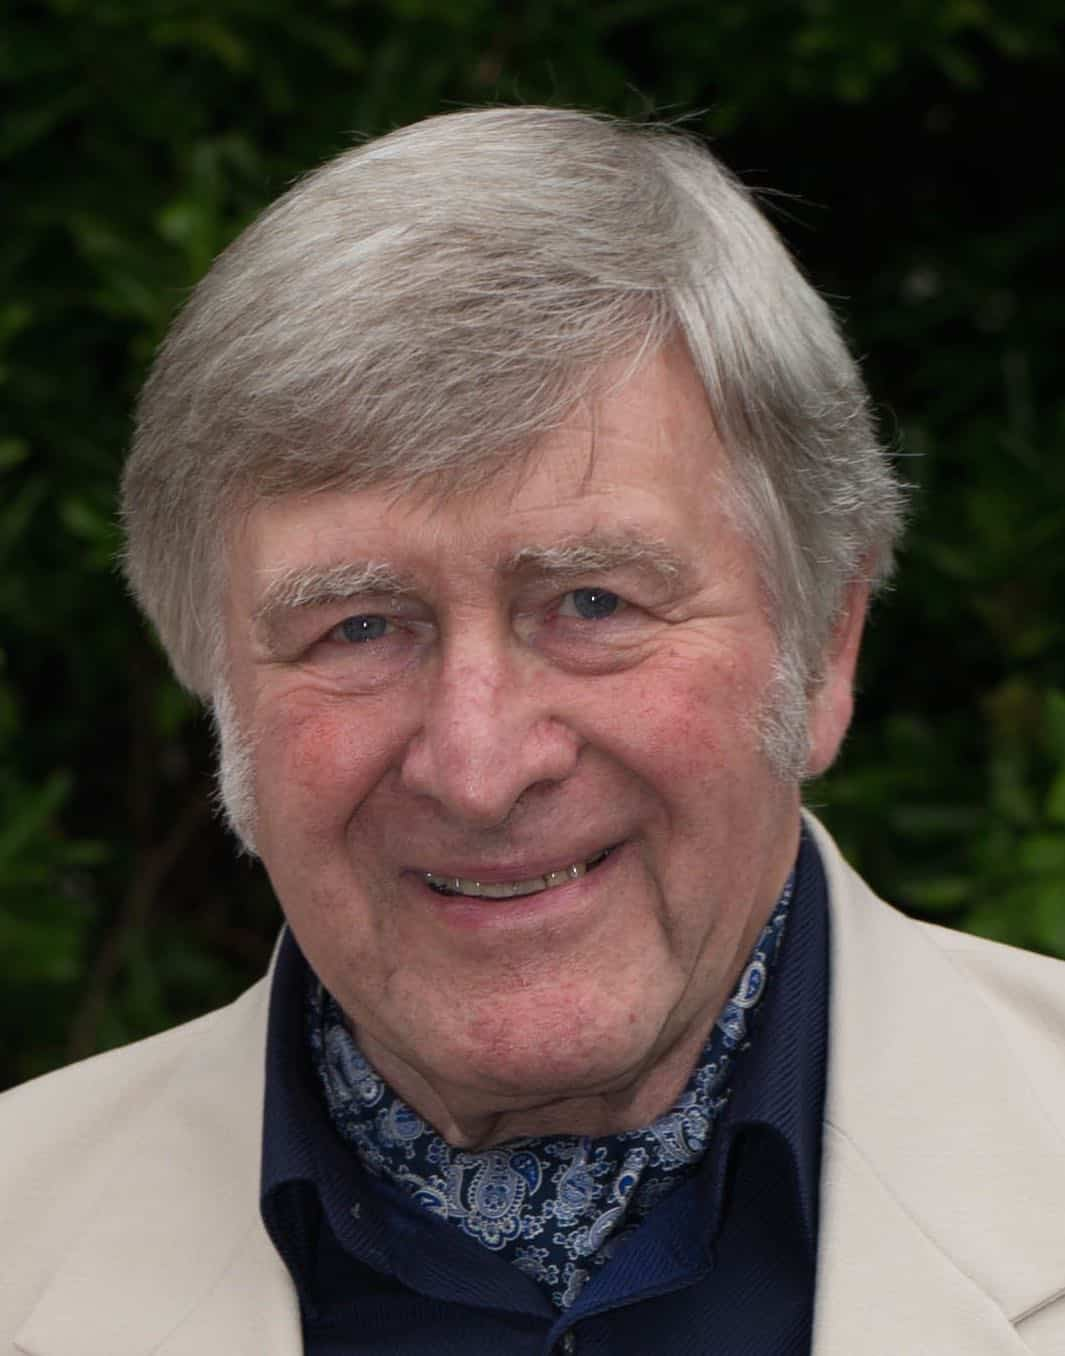 Revd Glynn Lister